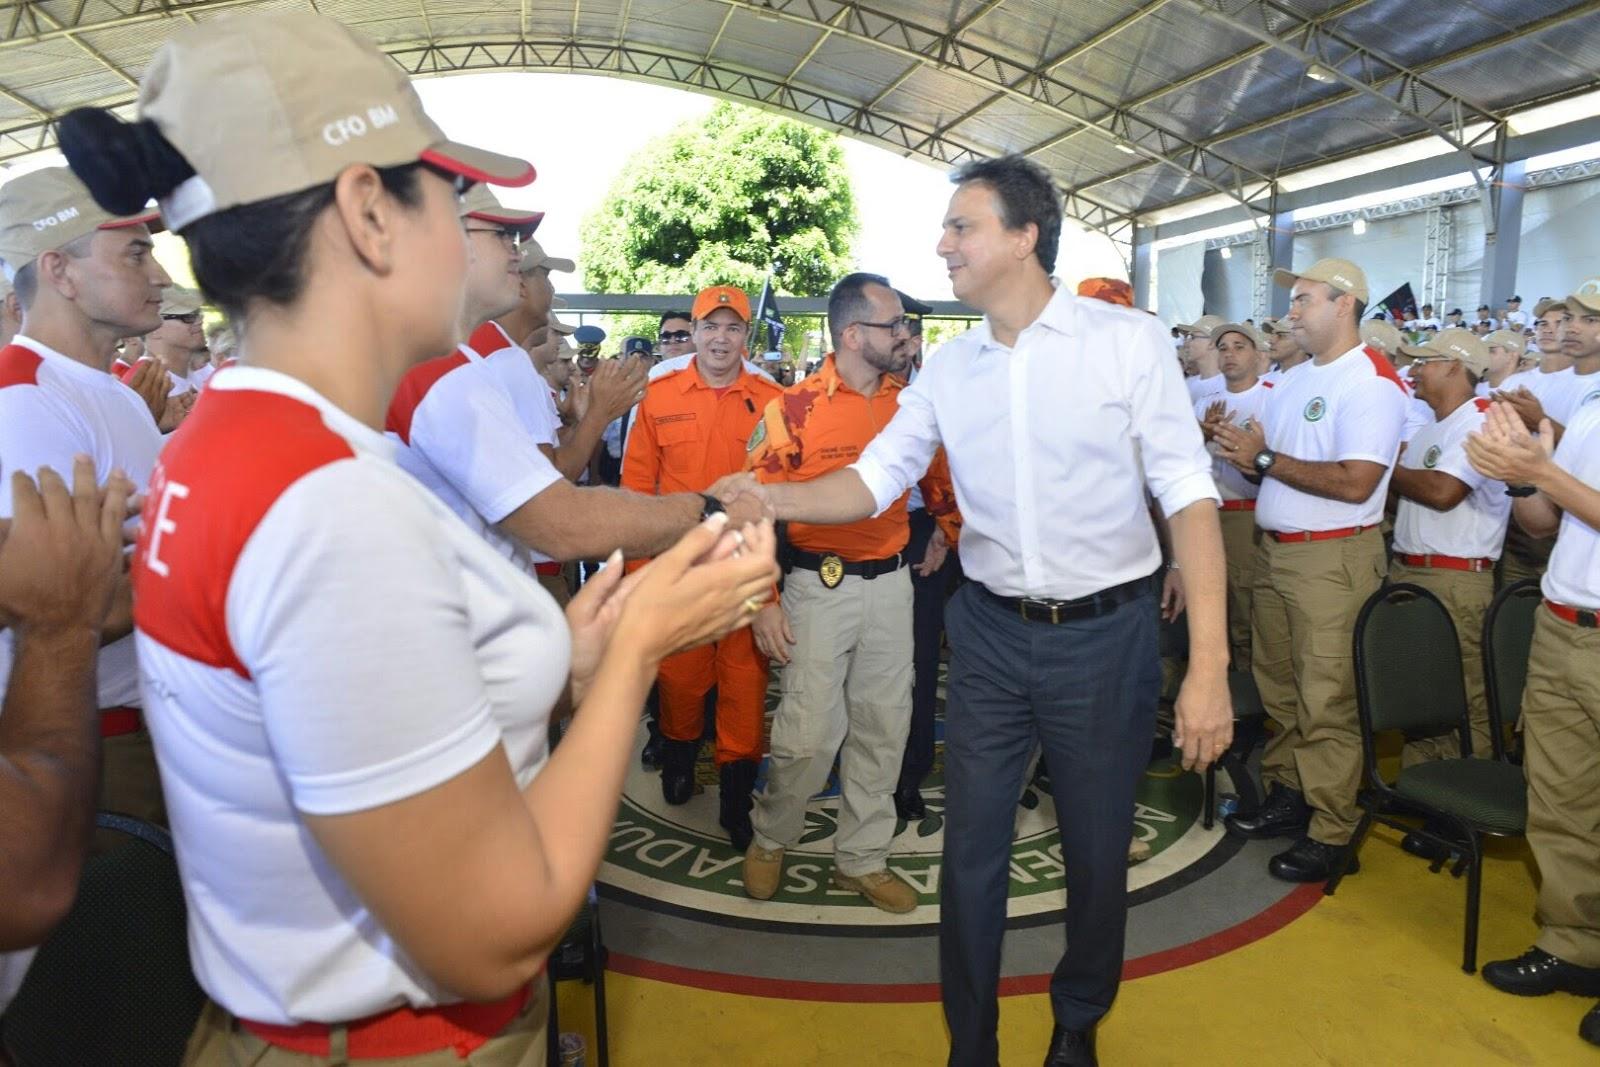 Nova turma amplia efetivo do Corpo de Bombeiros do Ceará 283a6c8774